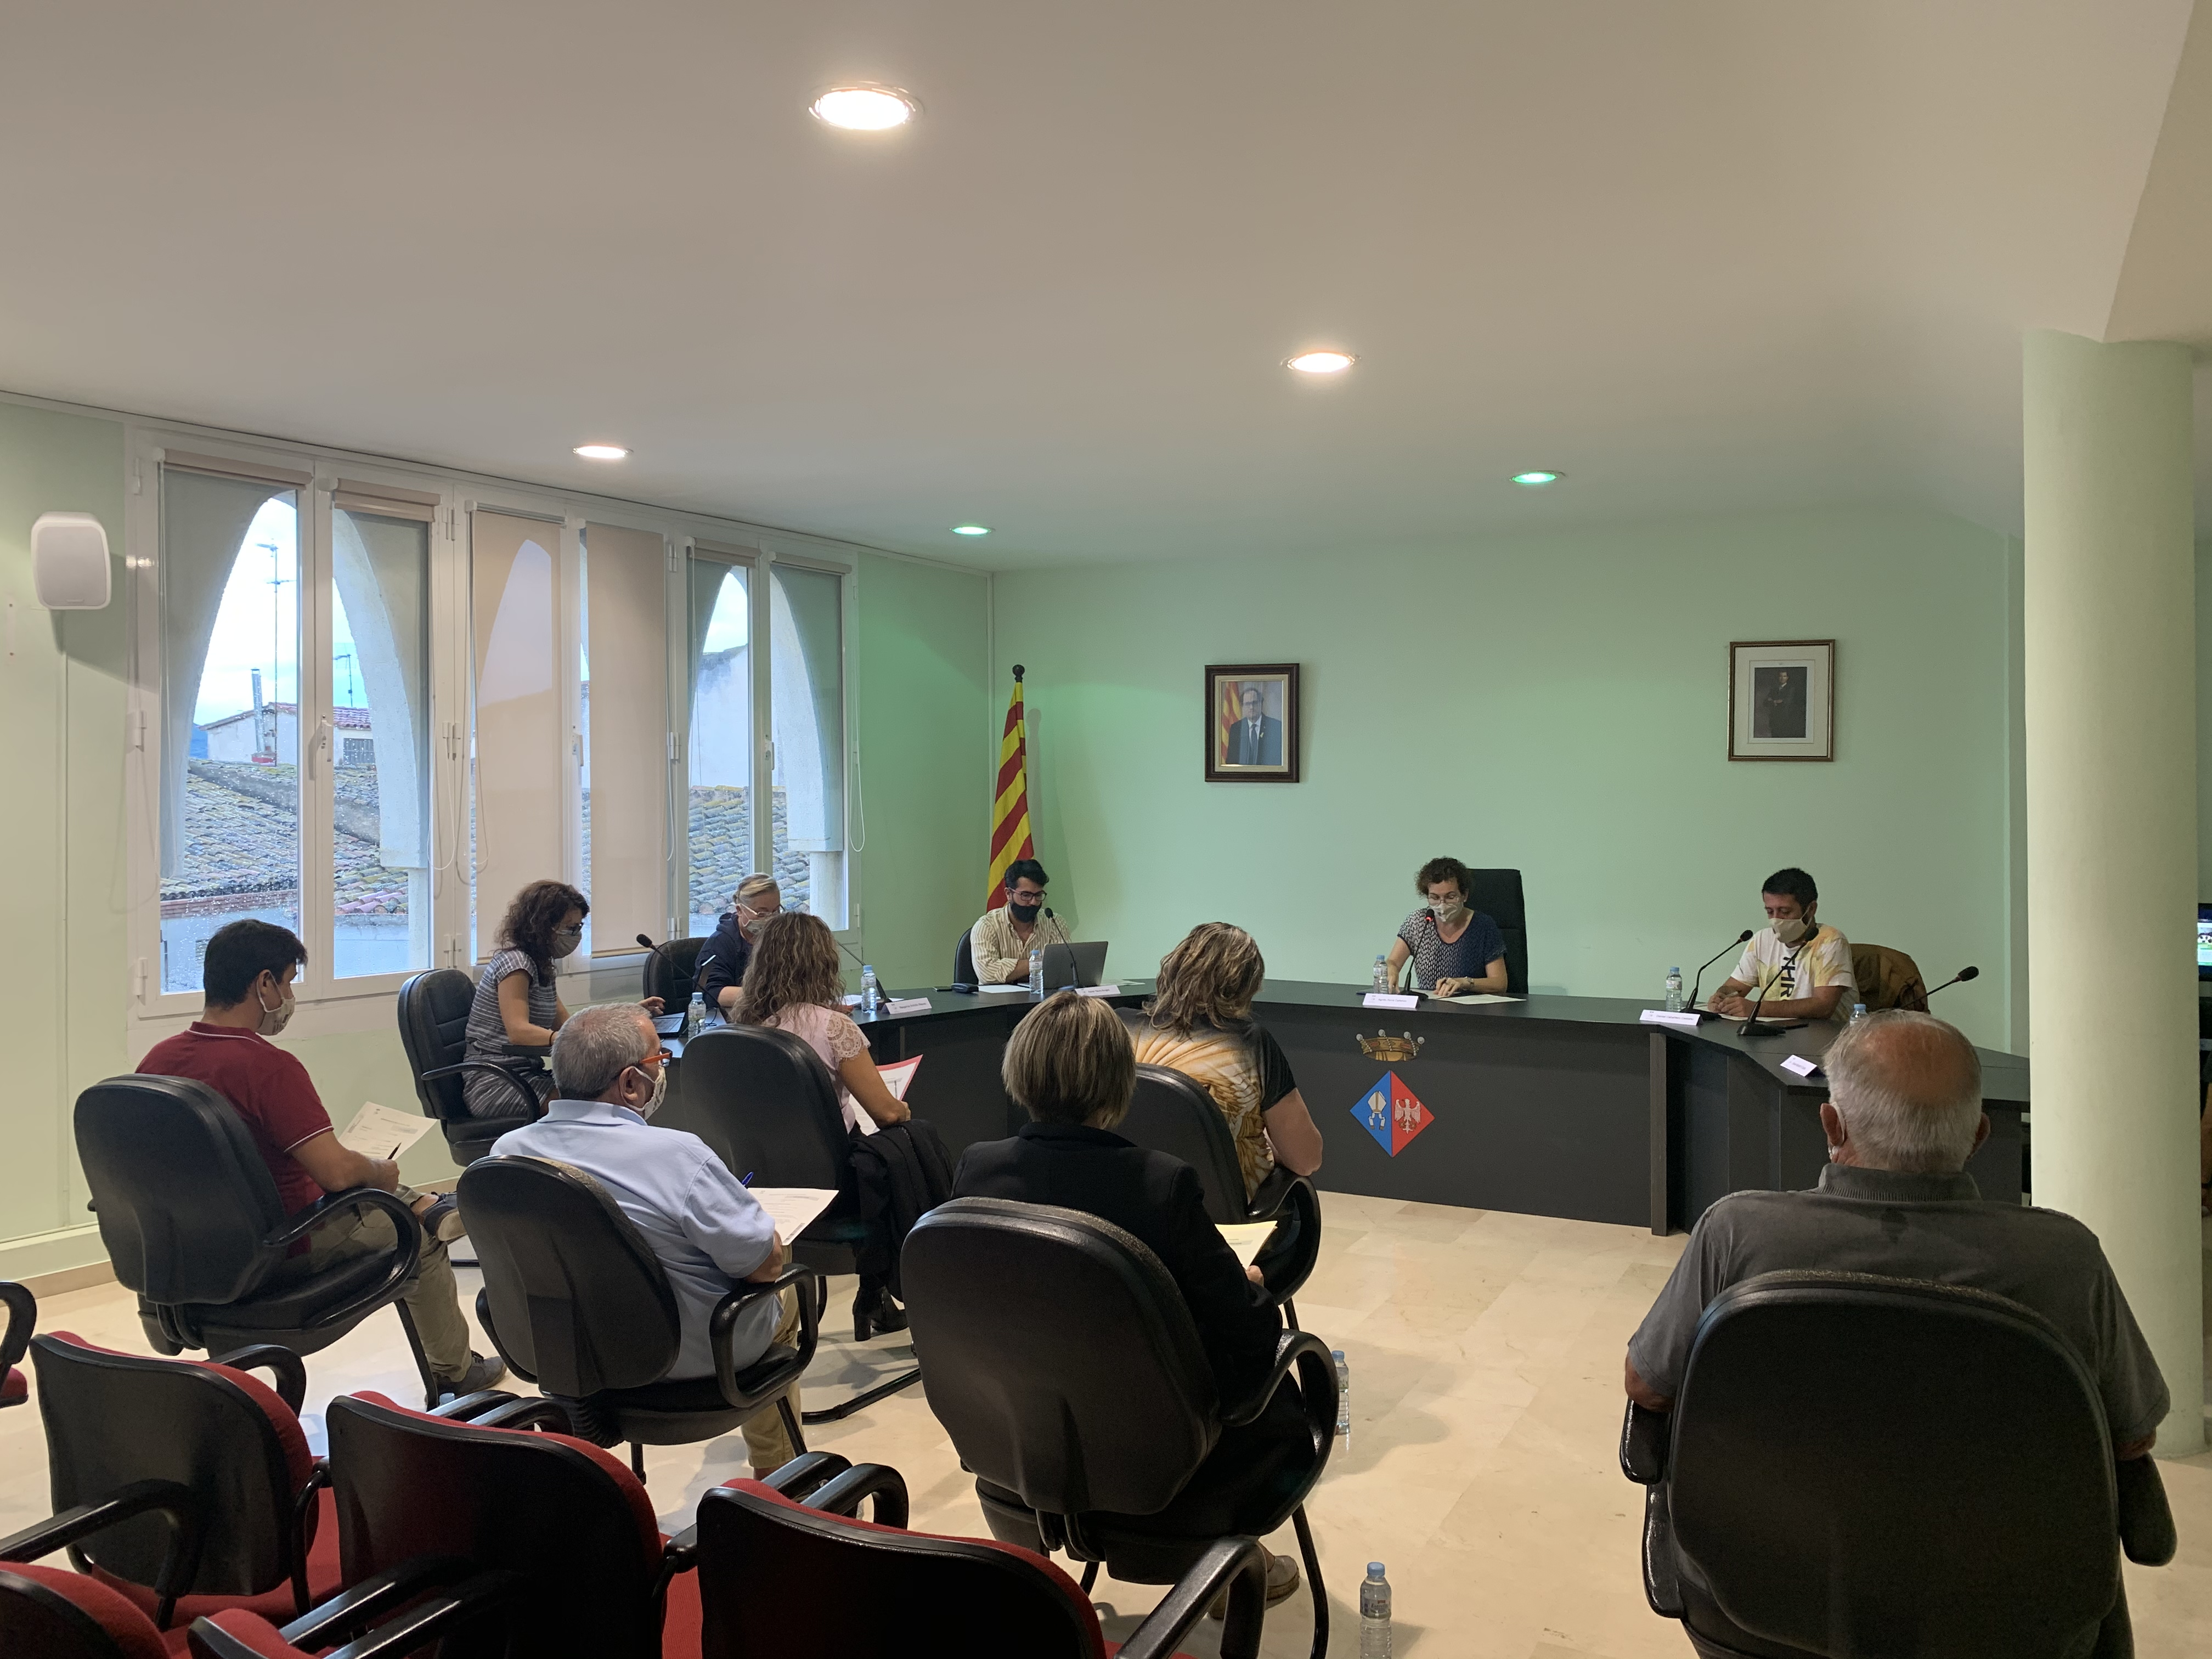 Aquest dilluns 21 de setembre s'ha celebrat el Ple Ordinari de l'Ajuntament de la Bisbal del Penedès